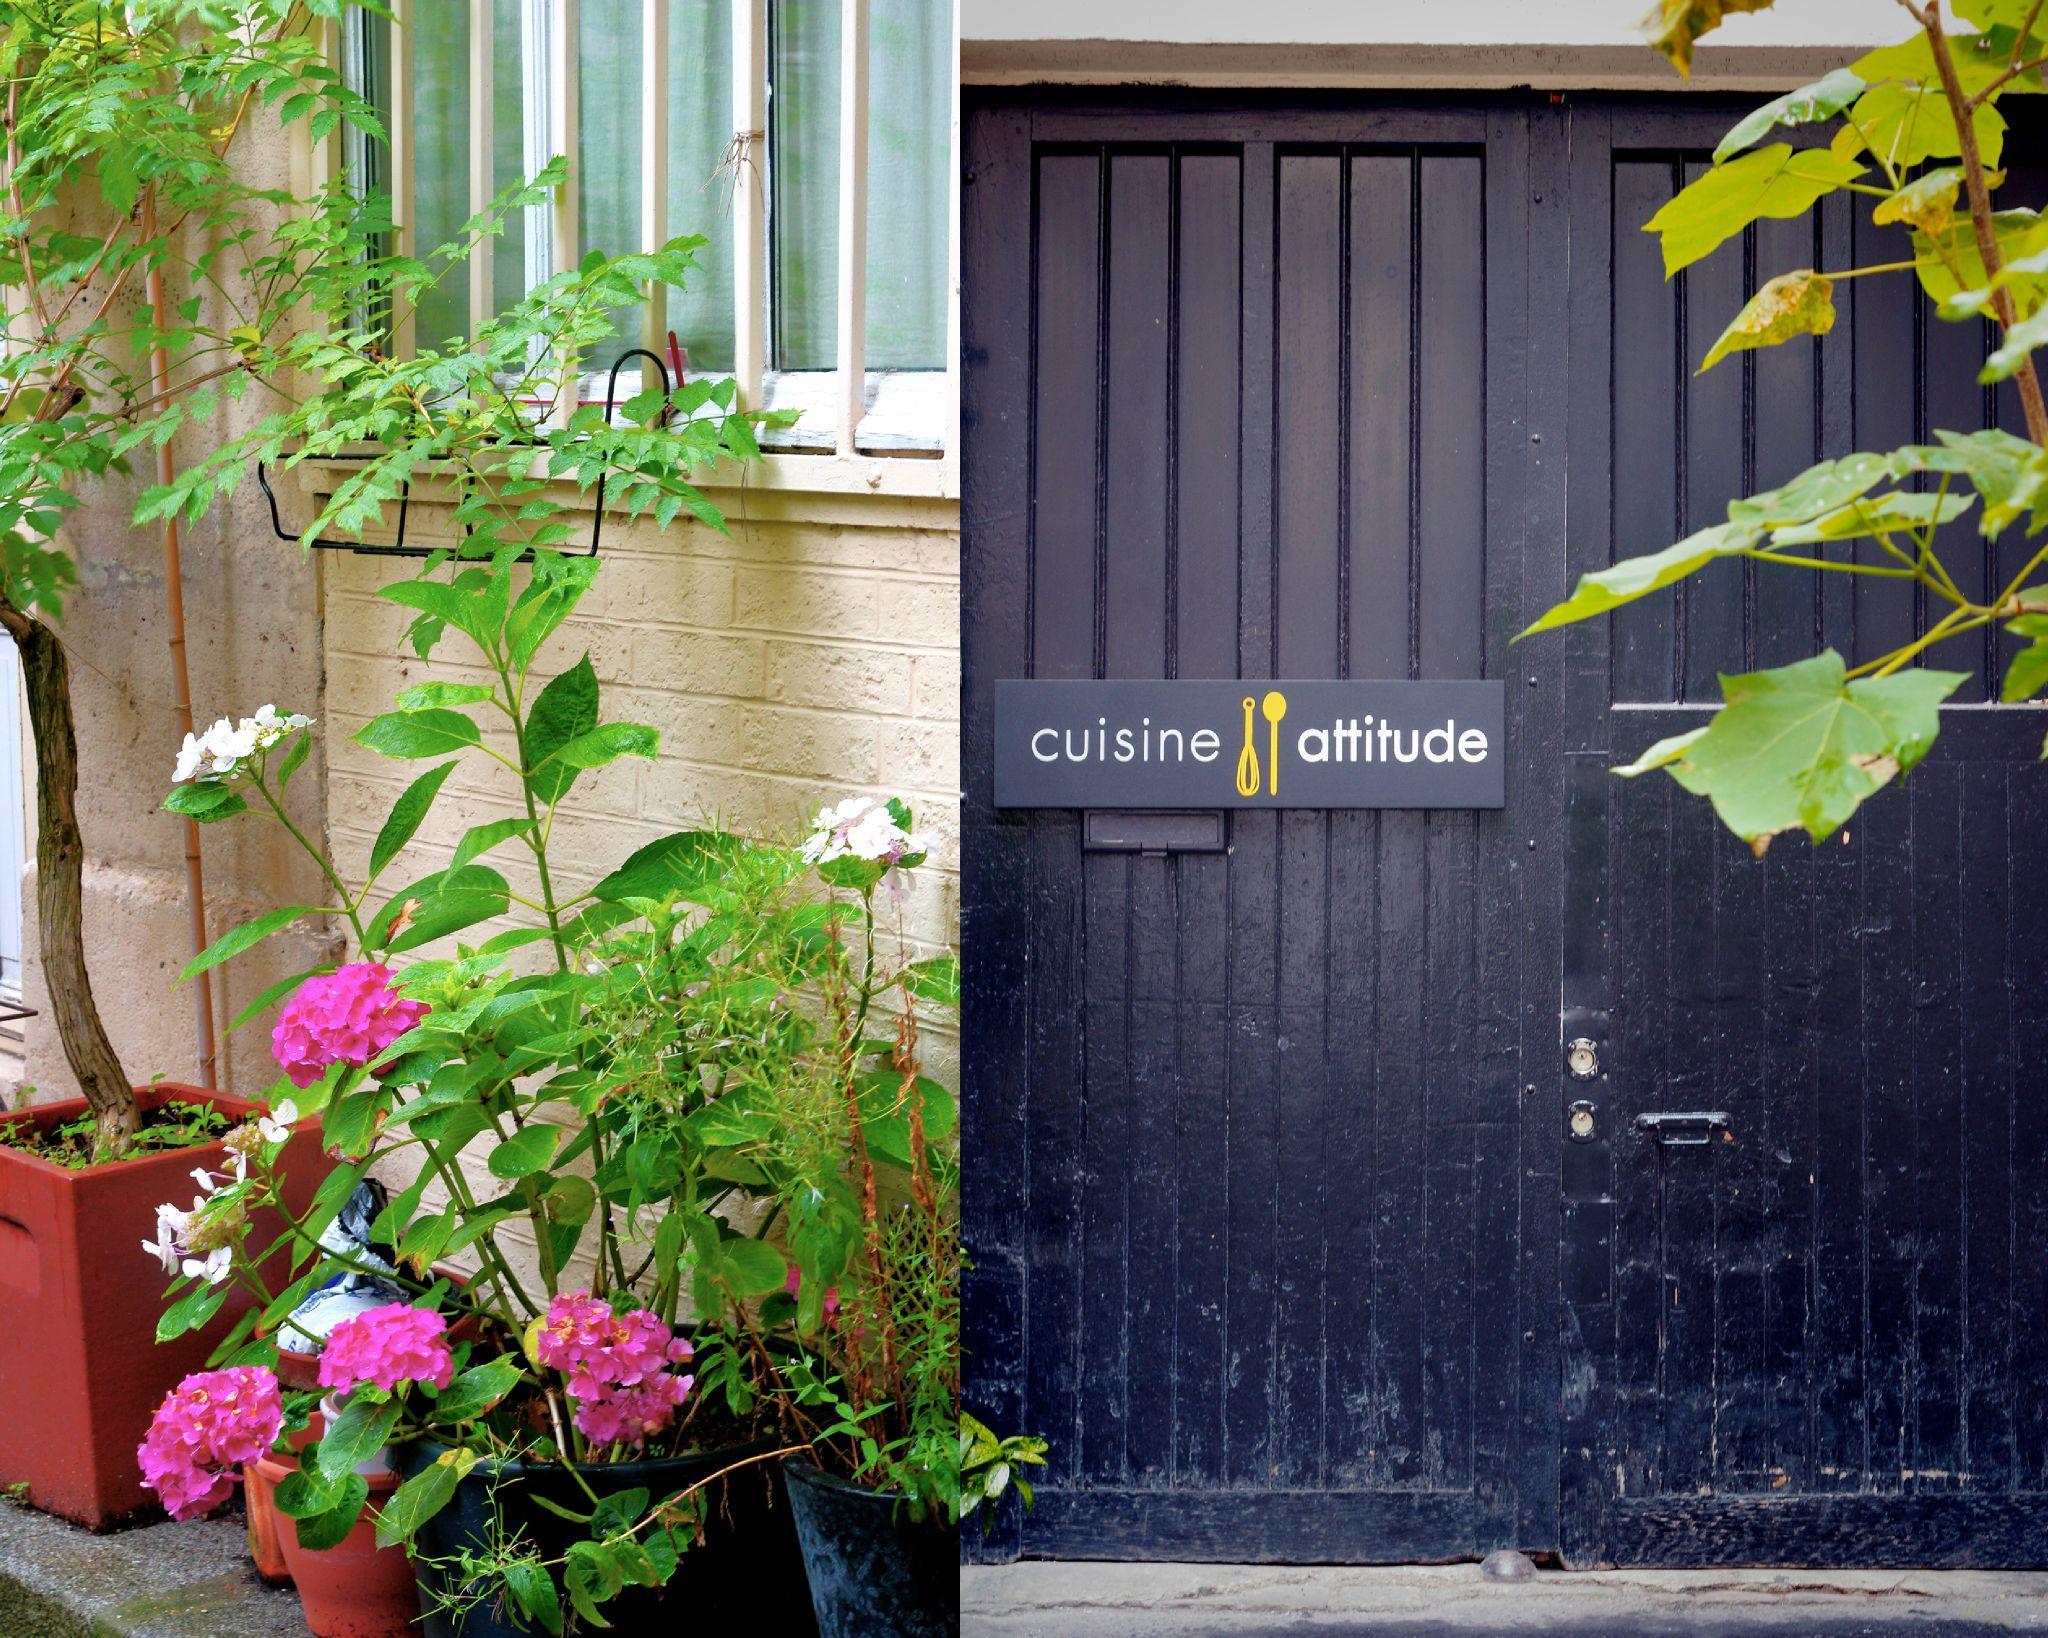 An Afternoon In Paris Atelier Cuisine Attitude By Cyril Lignac - Cours de cuisine cyril lignac